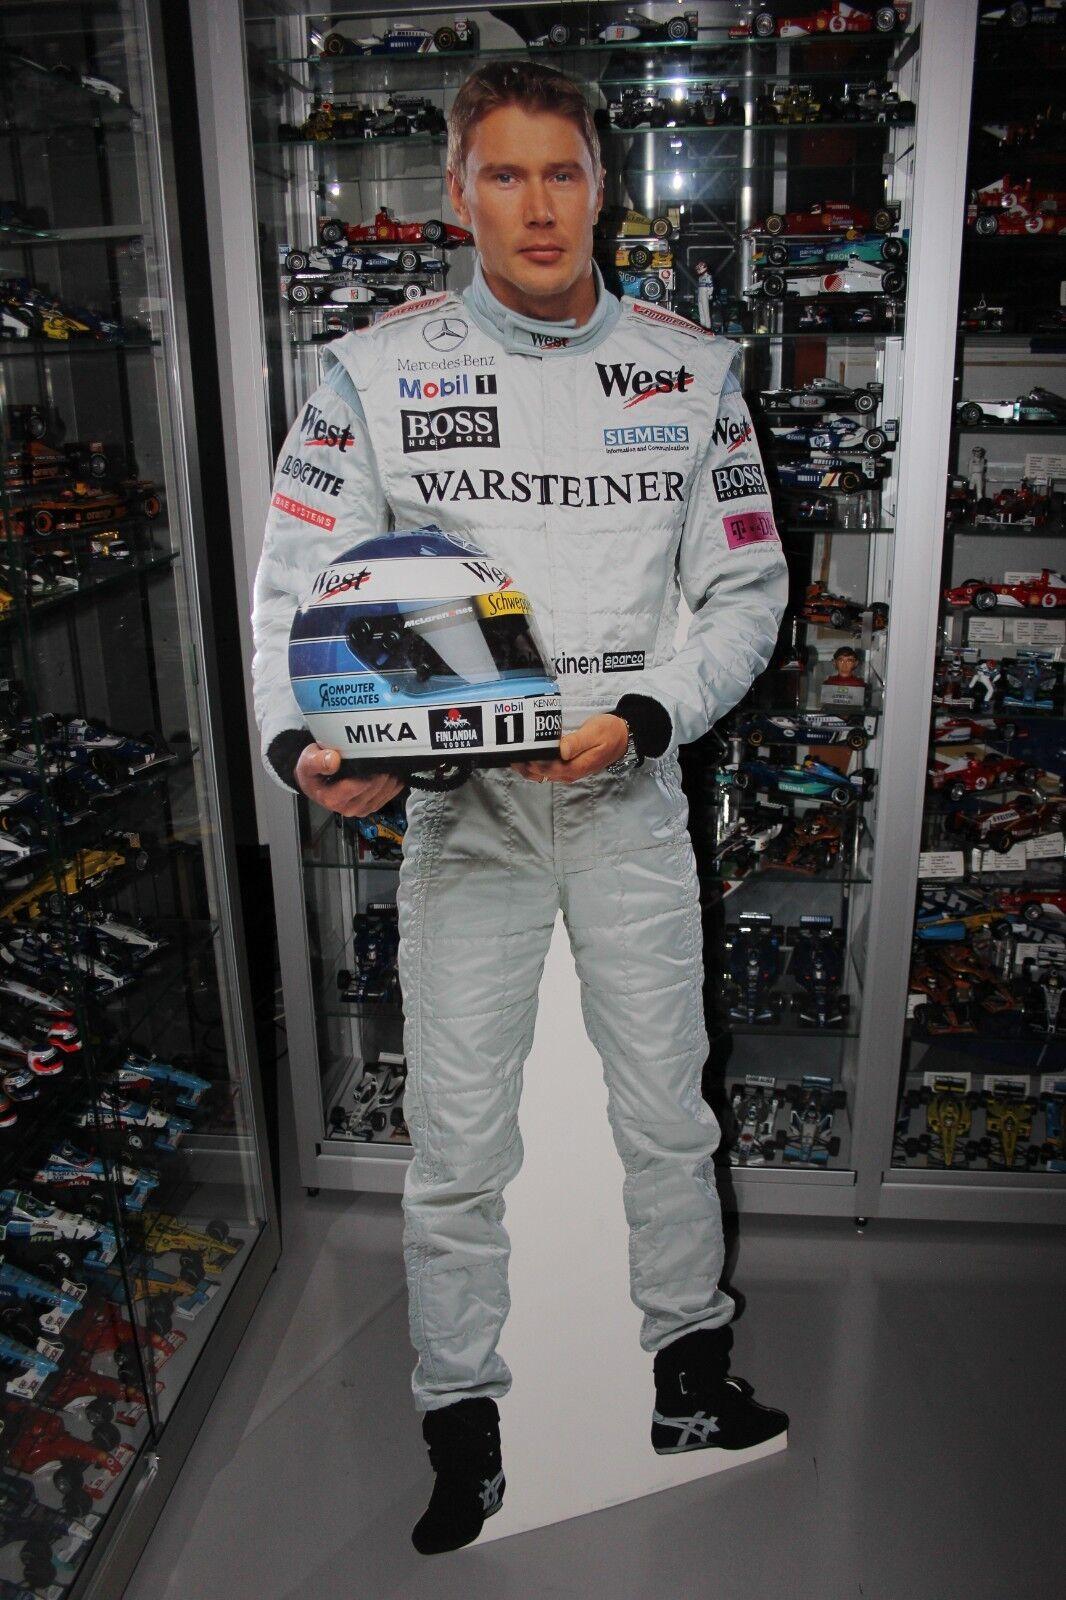 Cardboard Figurine Mika Häkkinen West McLaren Mercedes F1 Team (height 174 cm)